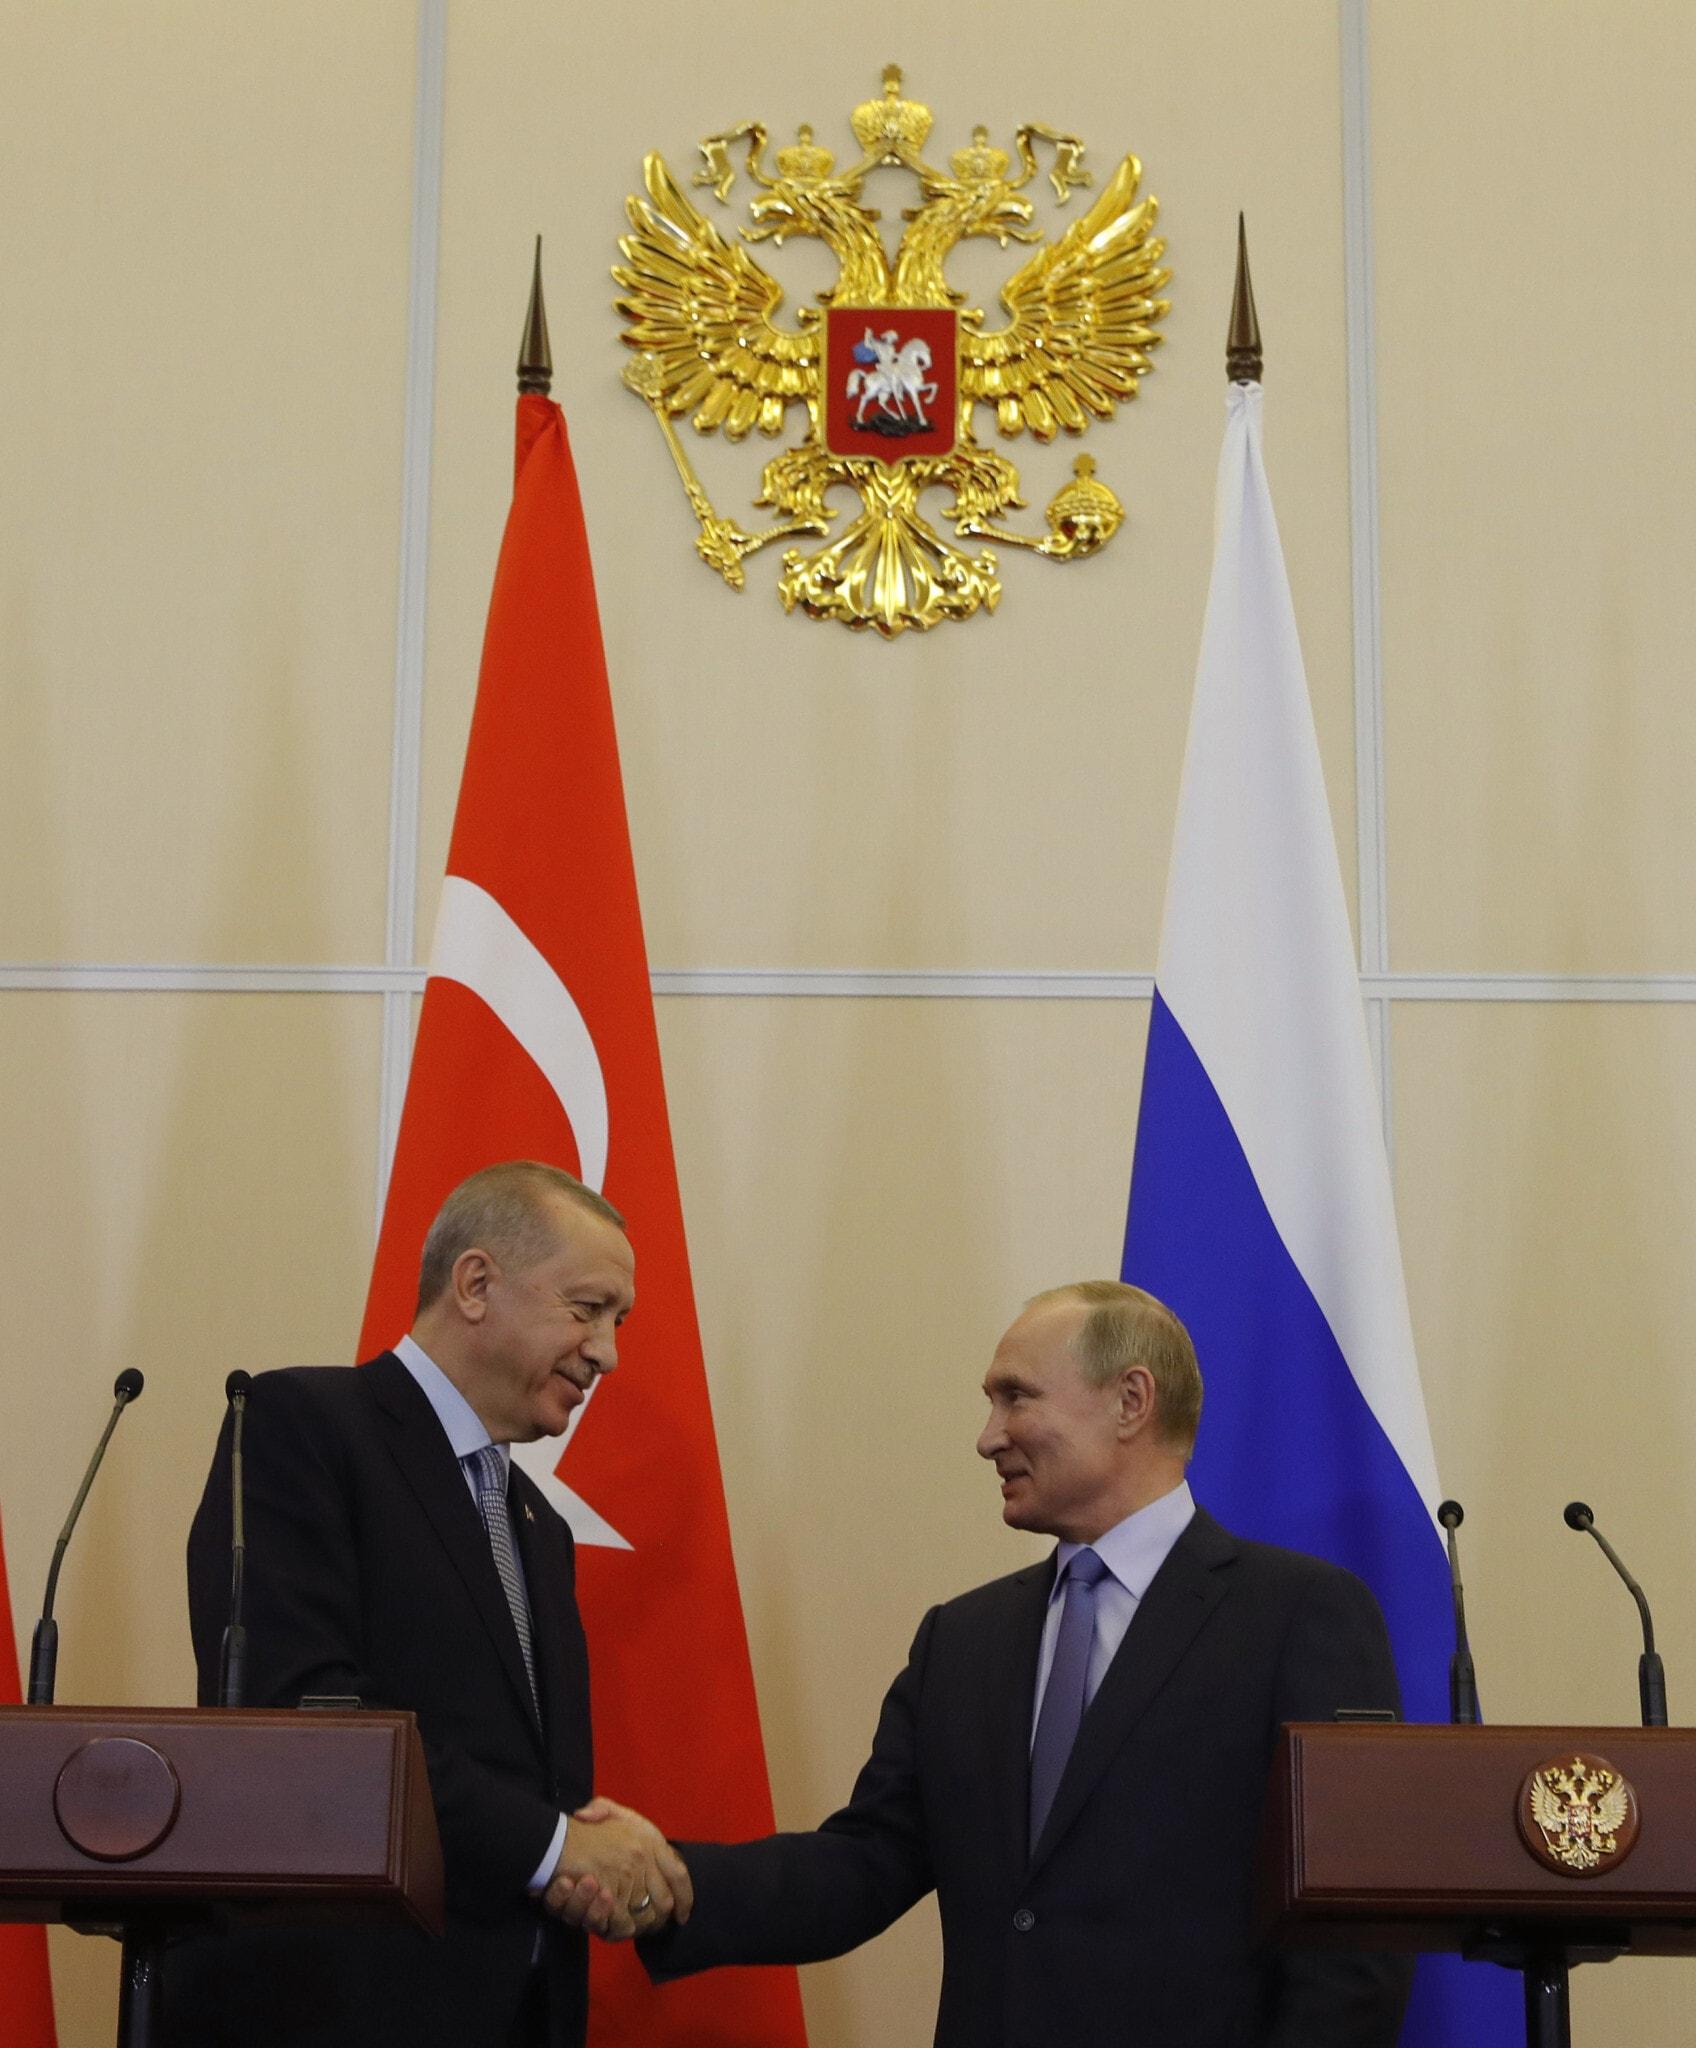 חתימת ההסכם בין פוטין לארדואן, 22 באוקטובר 2019 (צילום: Turkish Presidential Press Service/Pool Photo via AP)